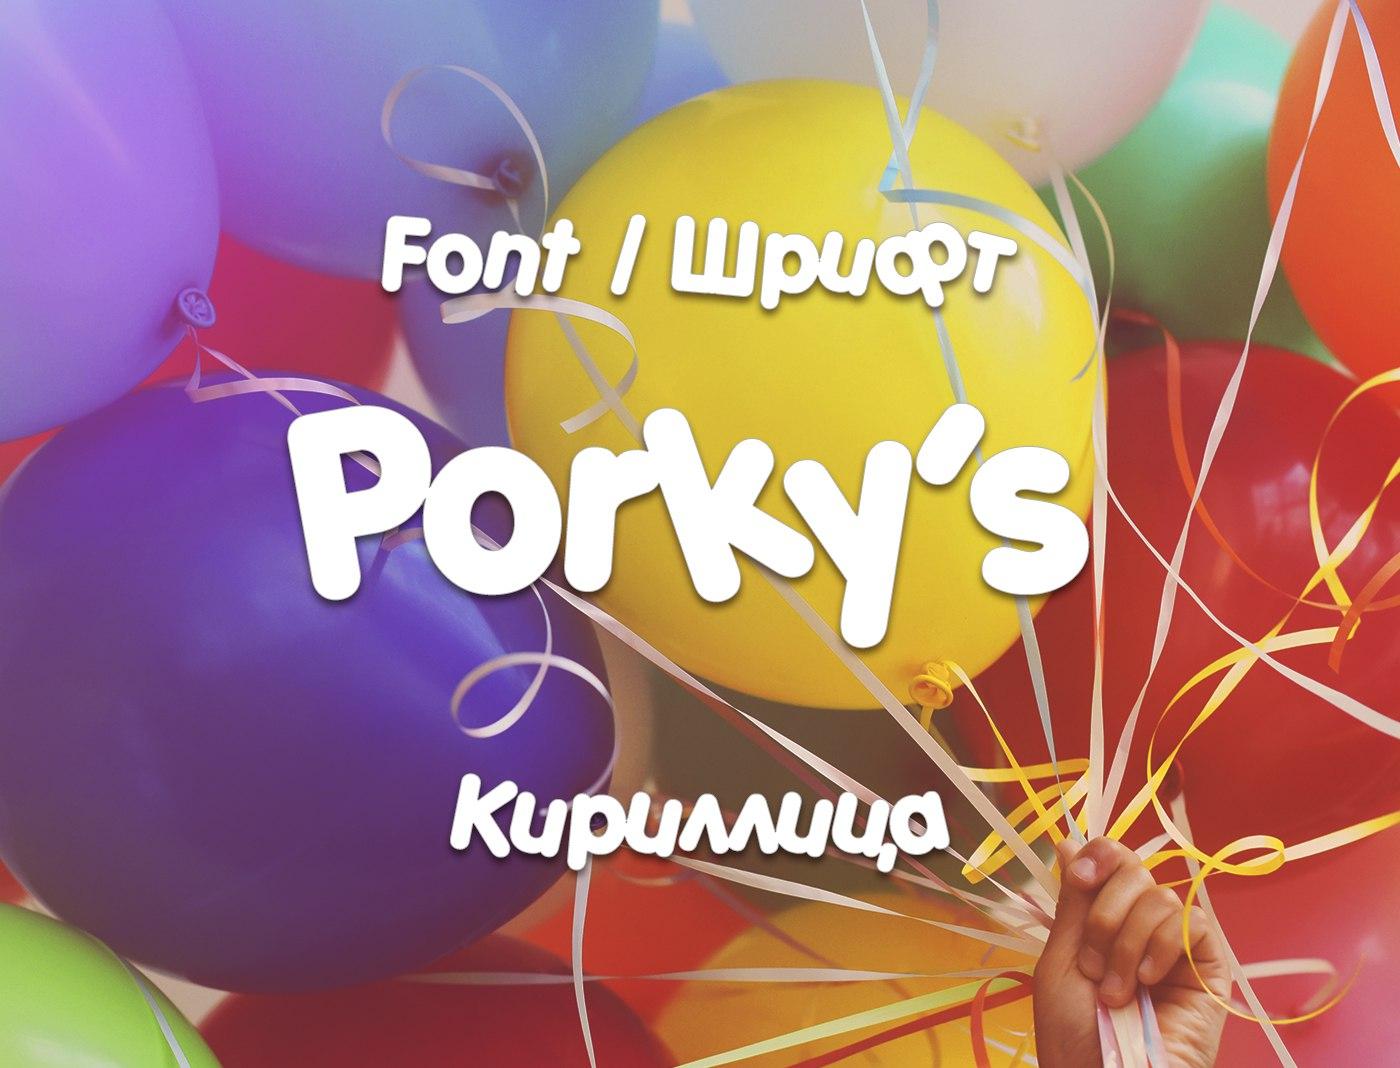 Шрифт Porky Cyrillic